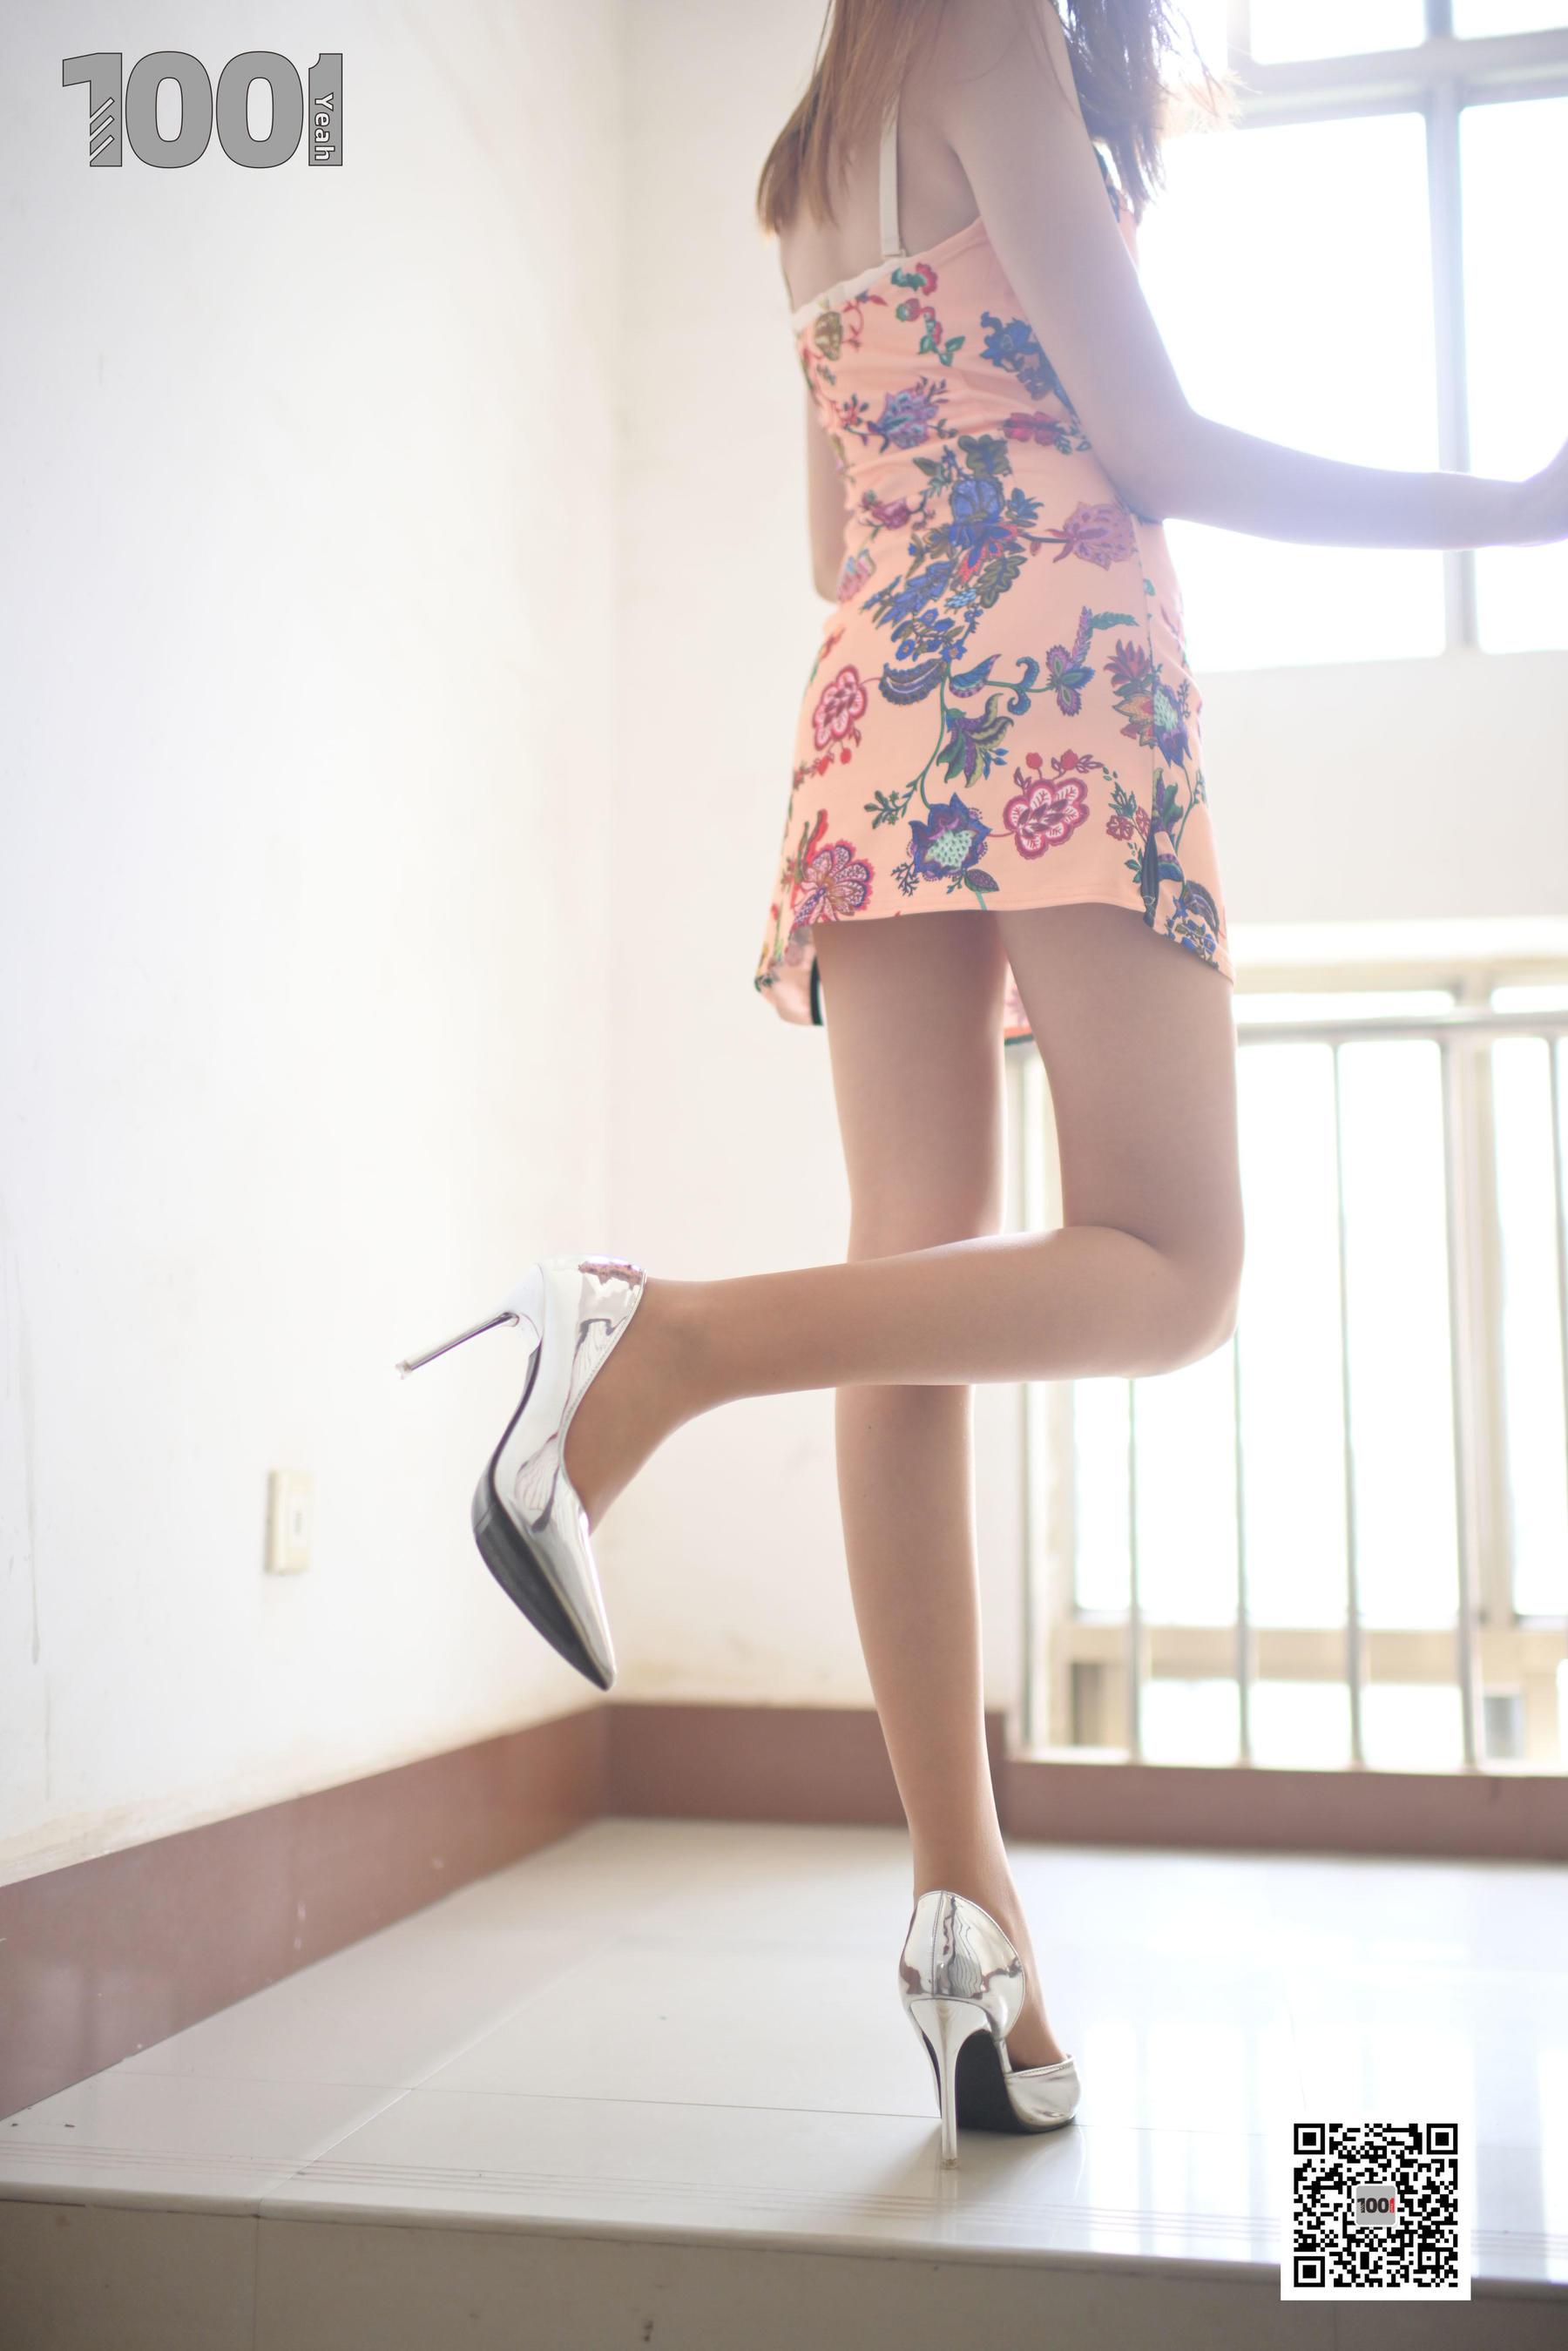 图片[6] - [IESS一千零一夜] 模特:西瓜《楼梯一角1》 肉丝袜美腿写真集[98P] - 唯独你没懂